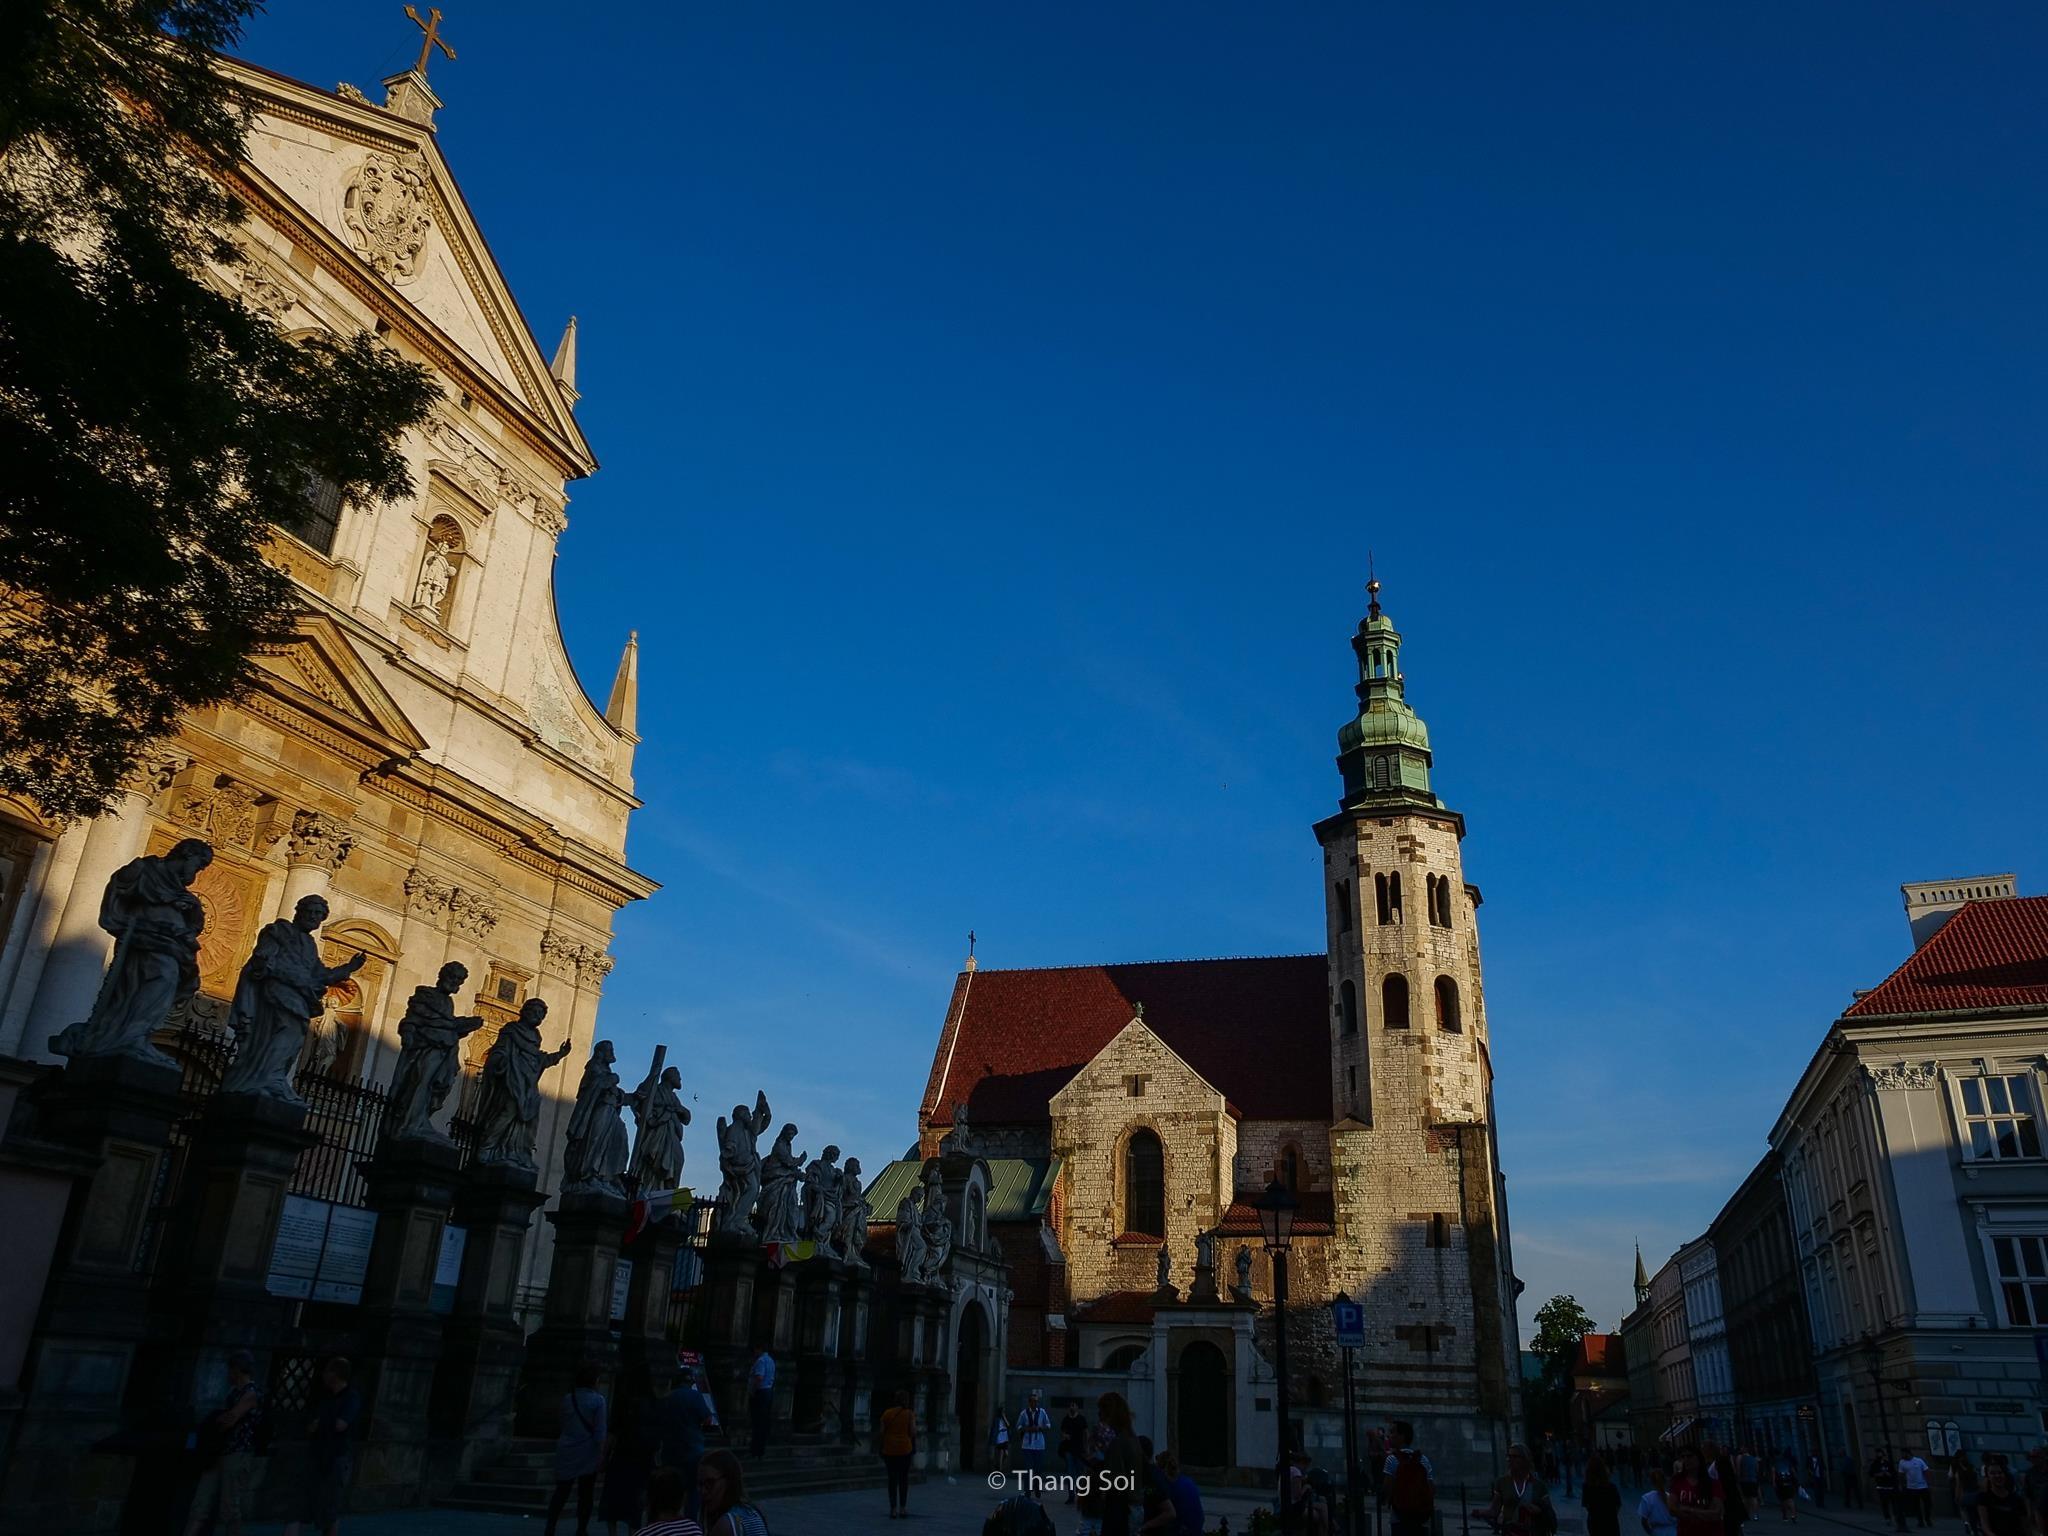 Krakow, kinh do co phai ghe tham khi den Ba Lan hinh anh 6